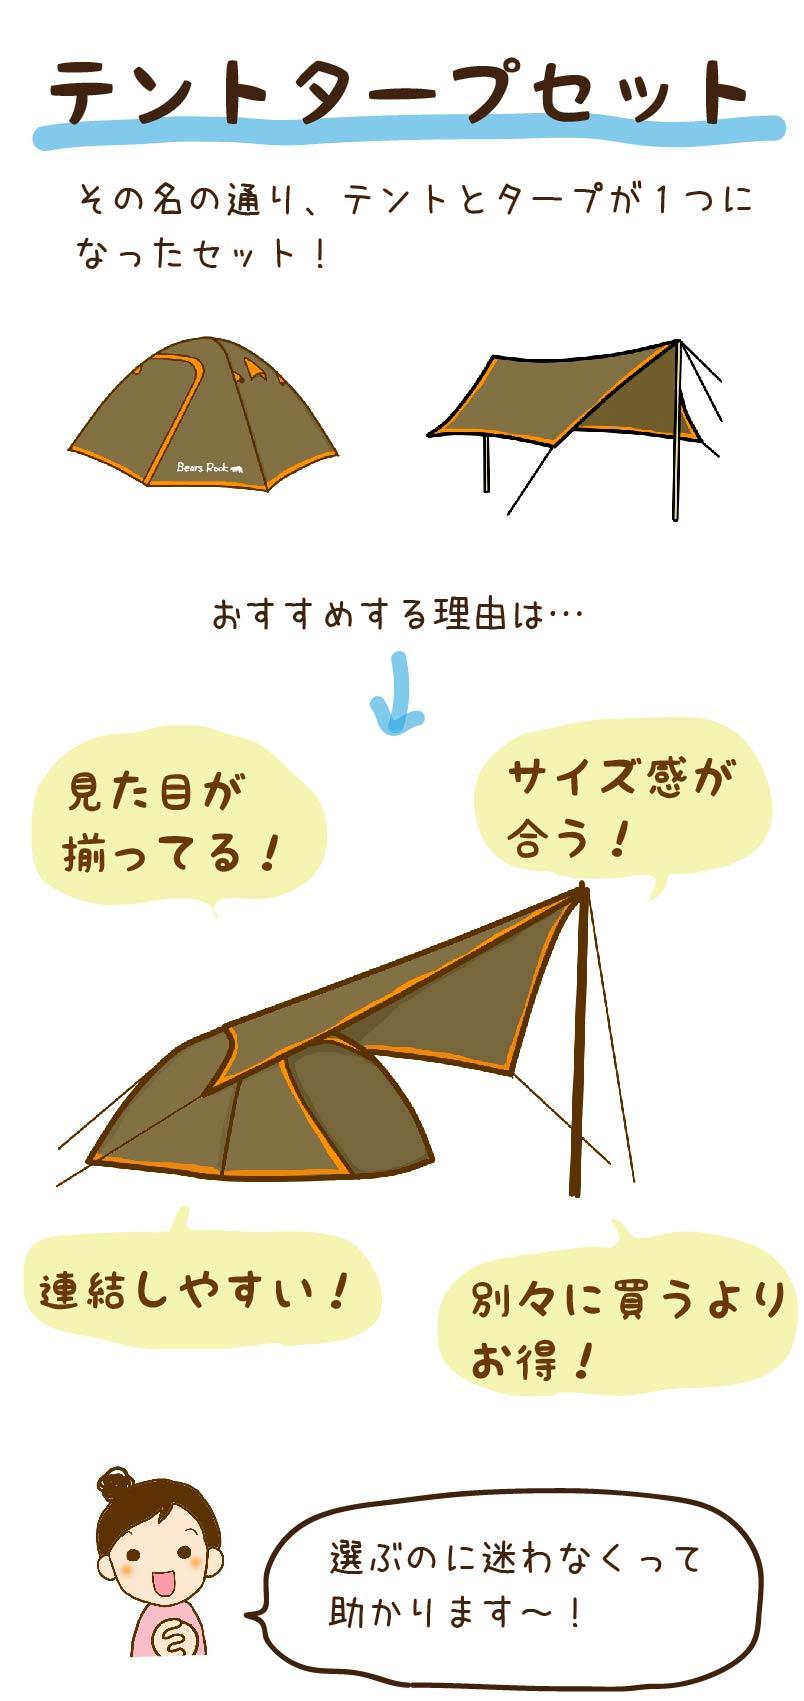 テントタープセットのイラスト